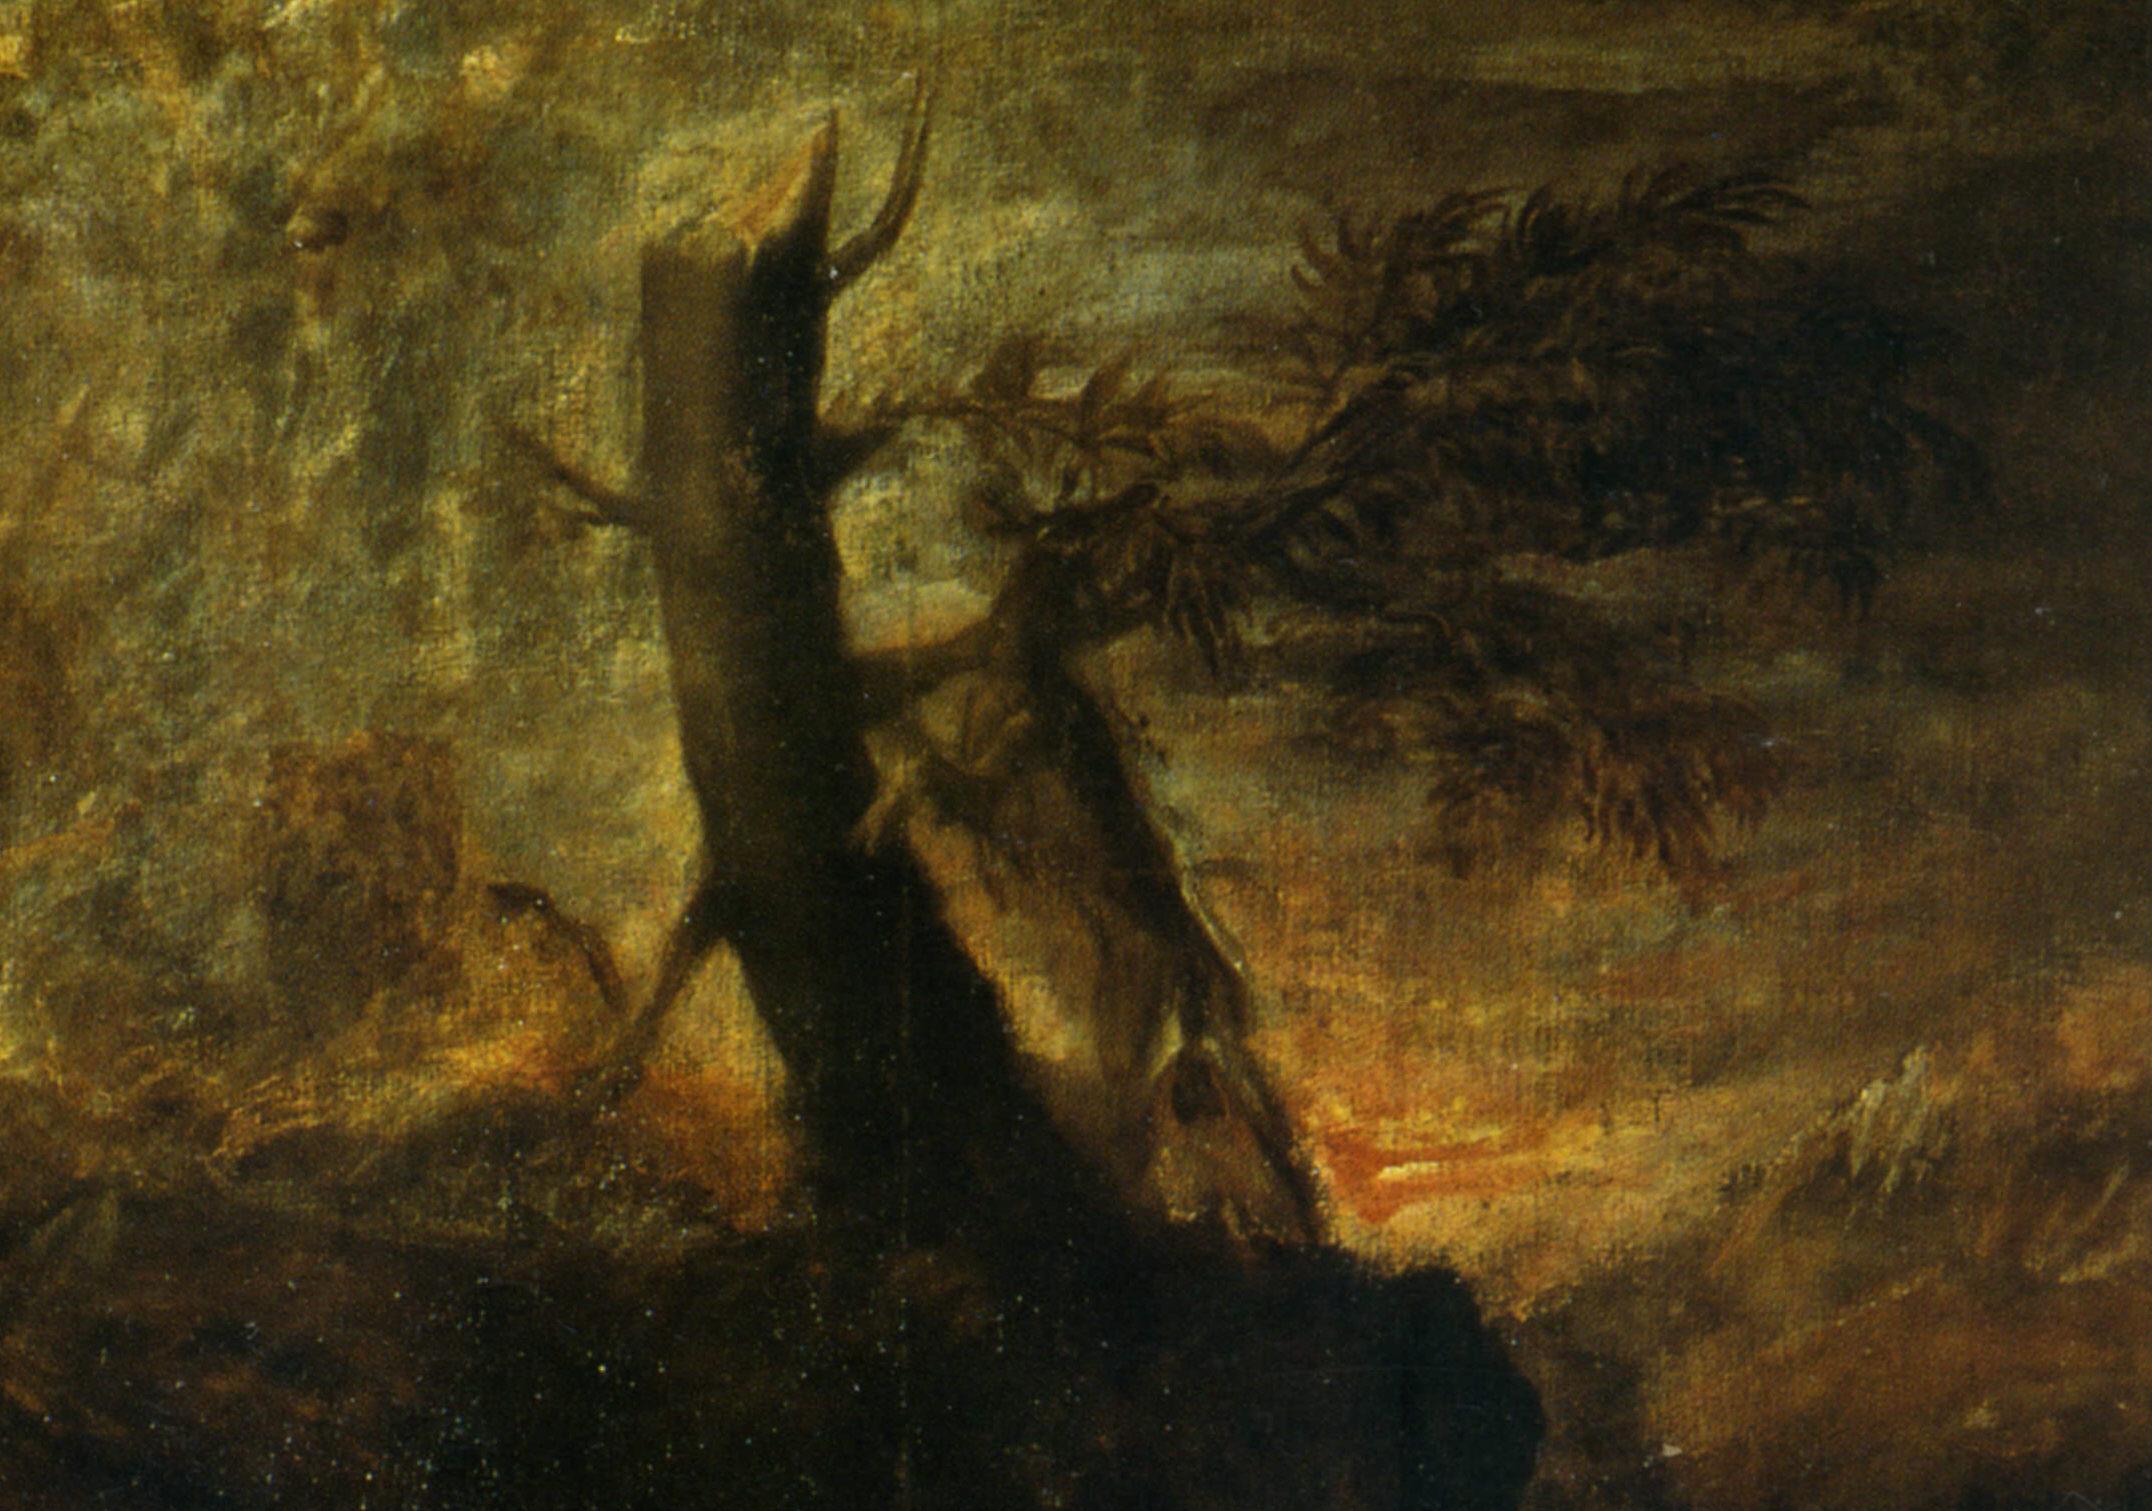 枯木と鹿.jpeg